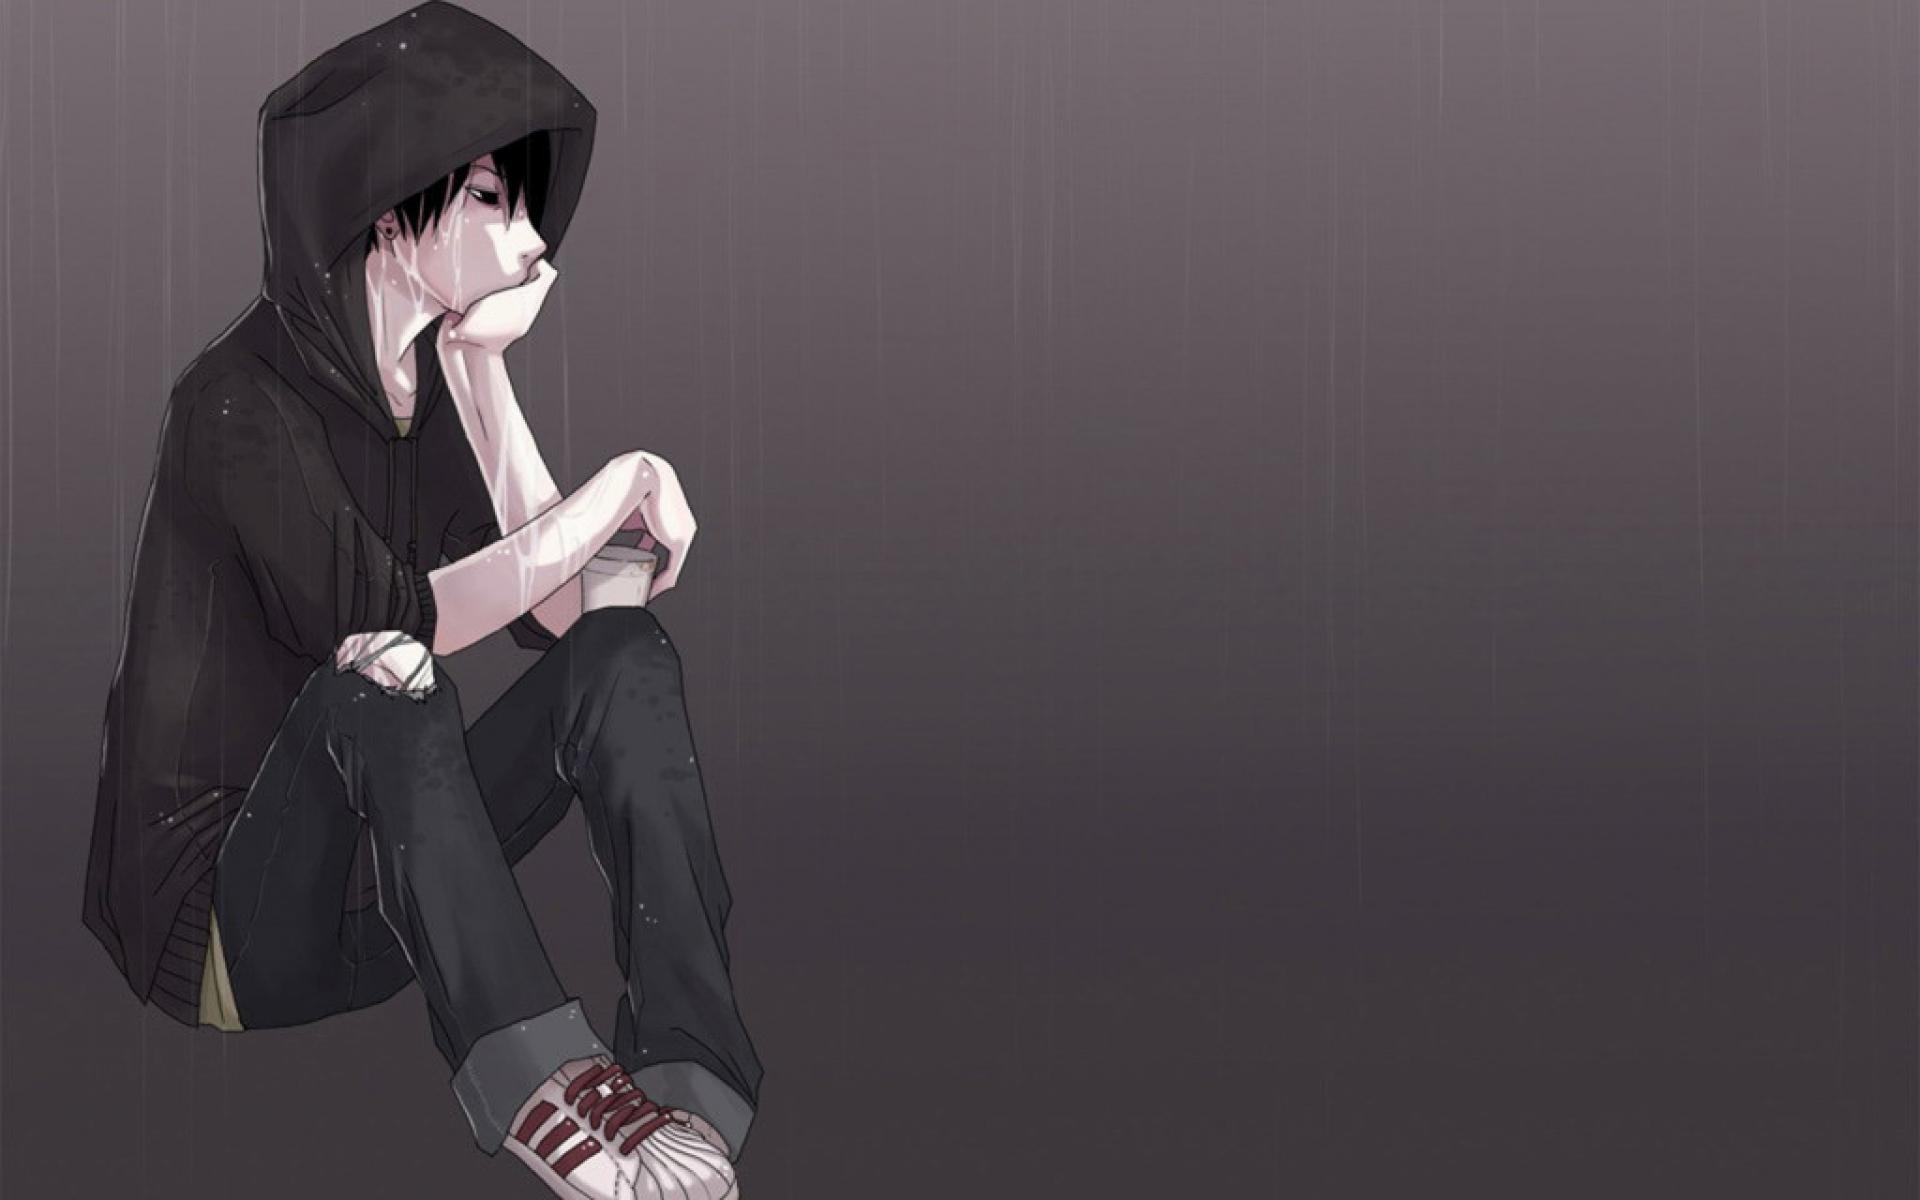 Emo-hoodie-anime-boys-desktop-hd-wallpapers